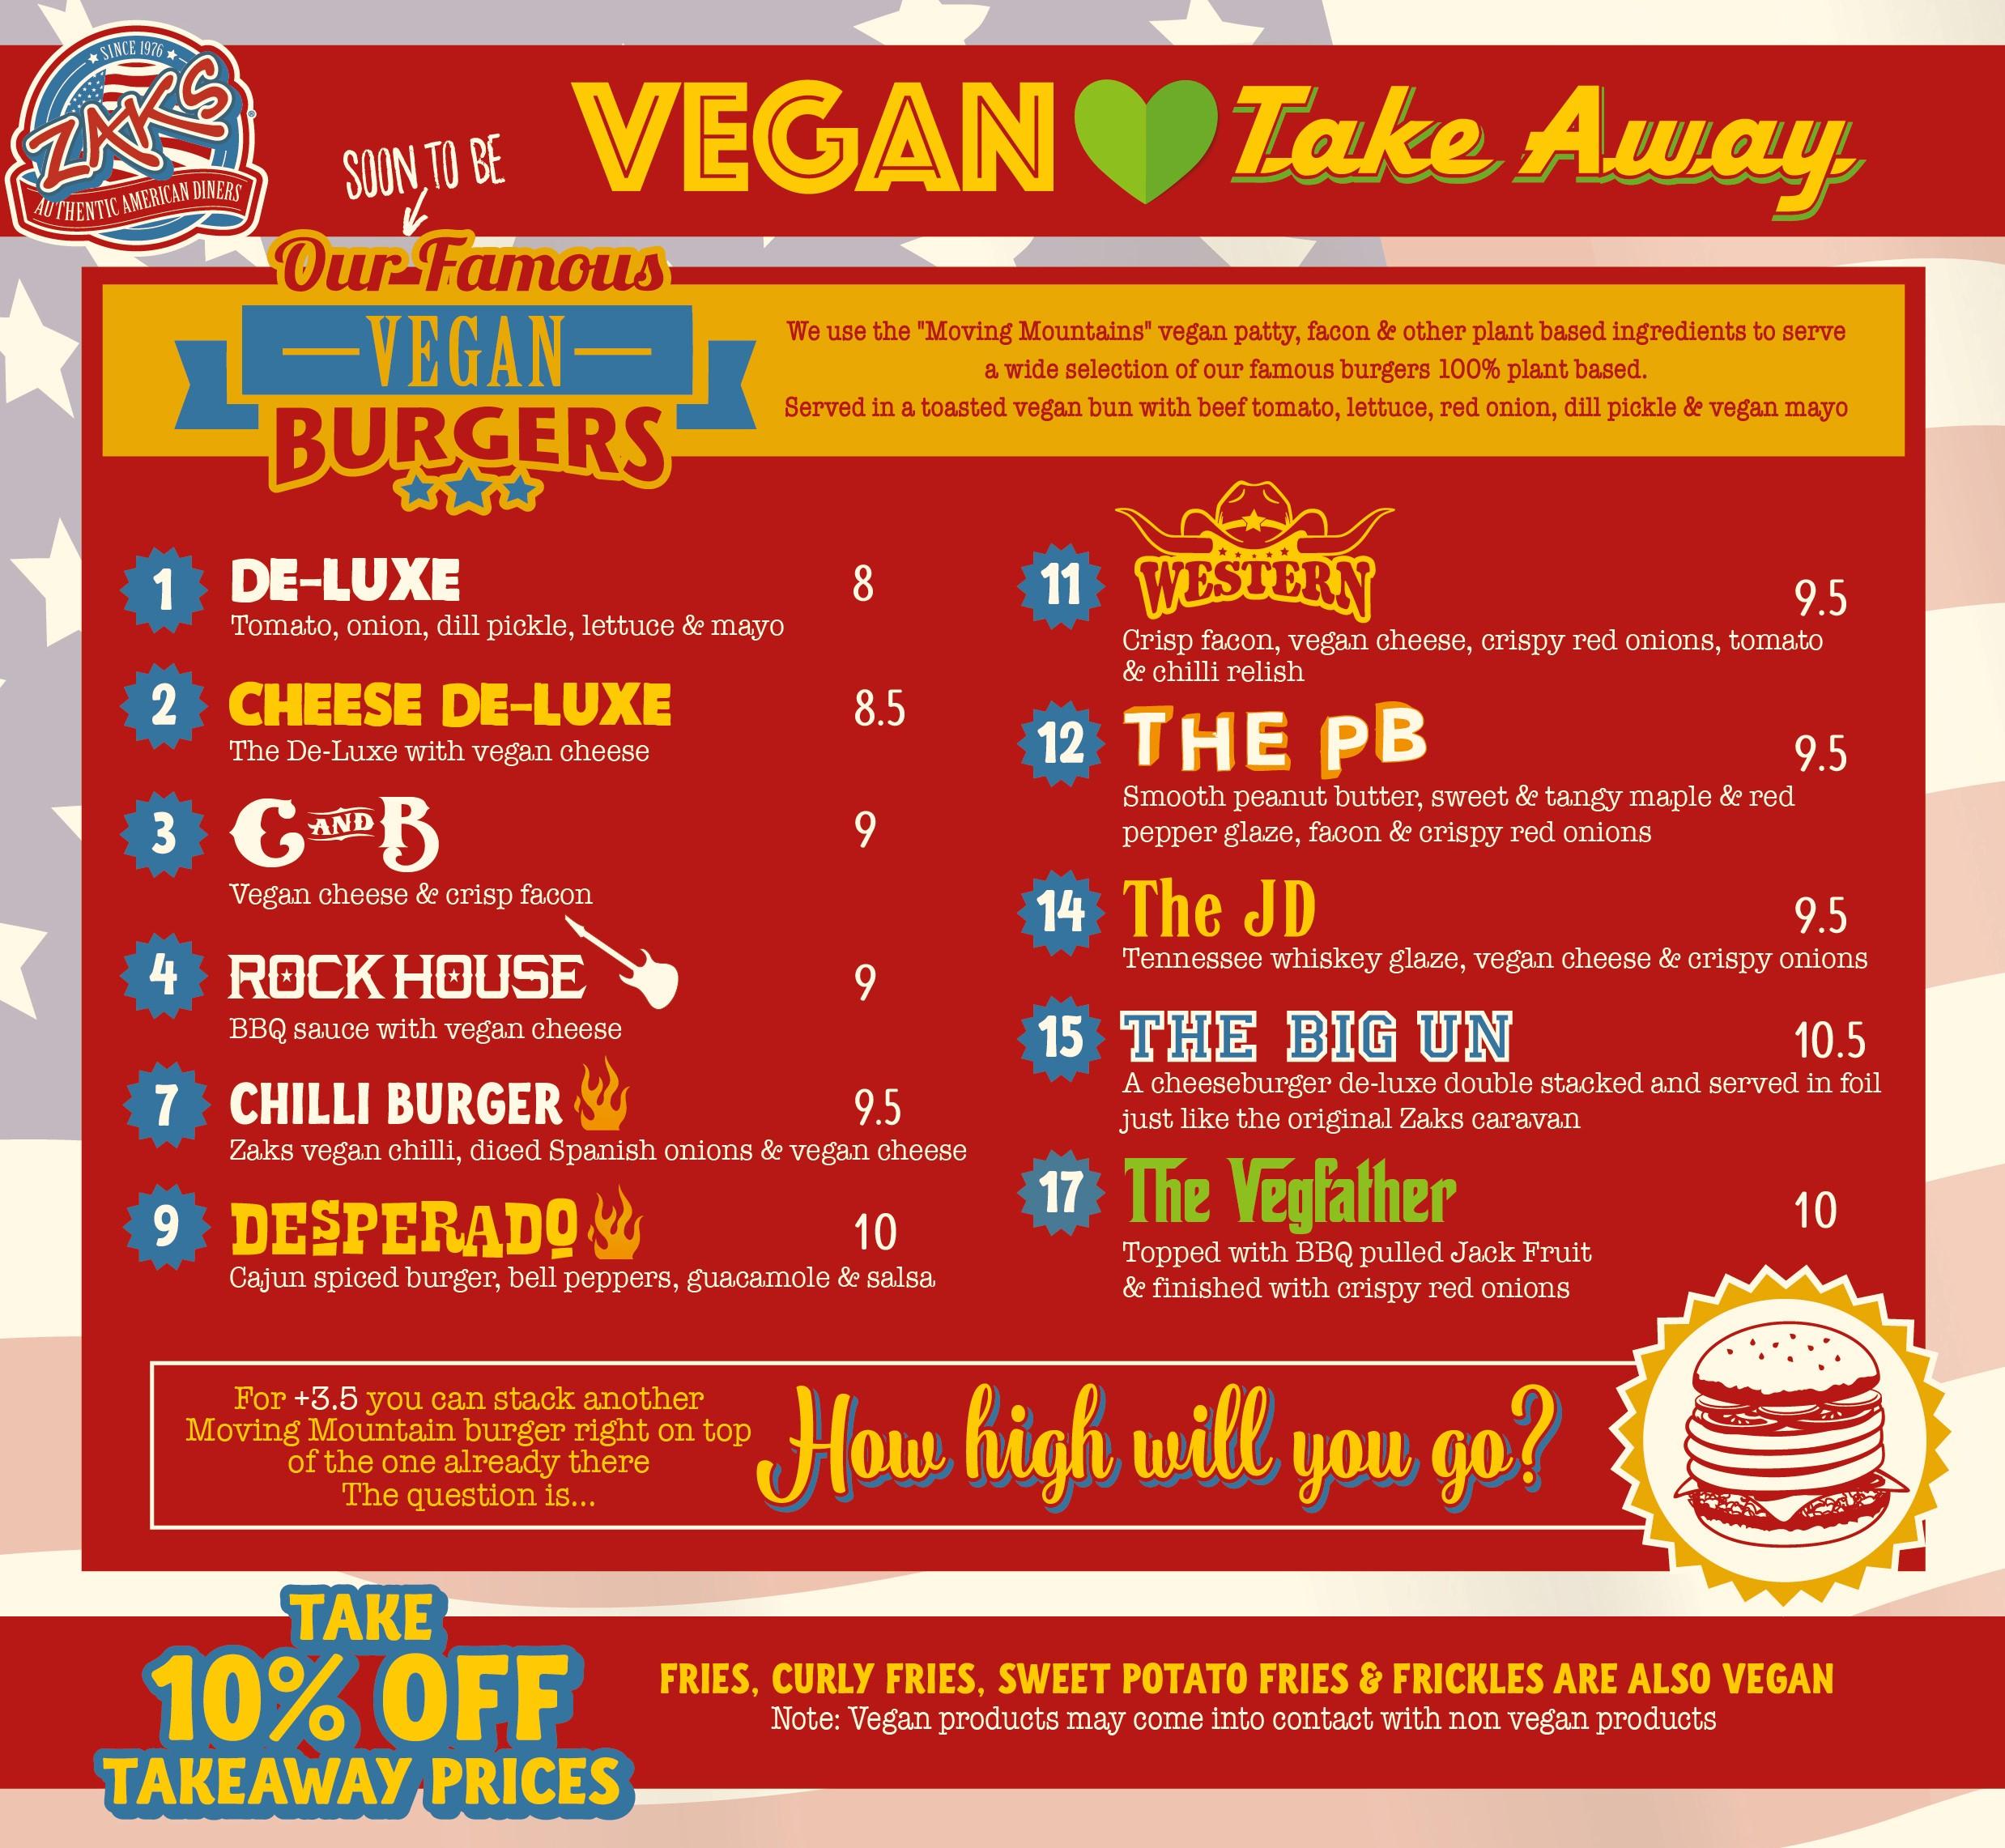 Vegan Takeaway